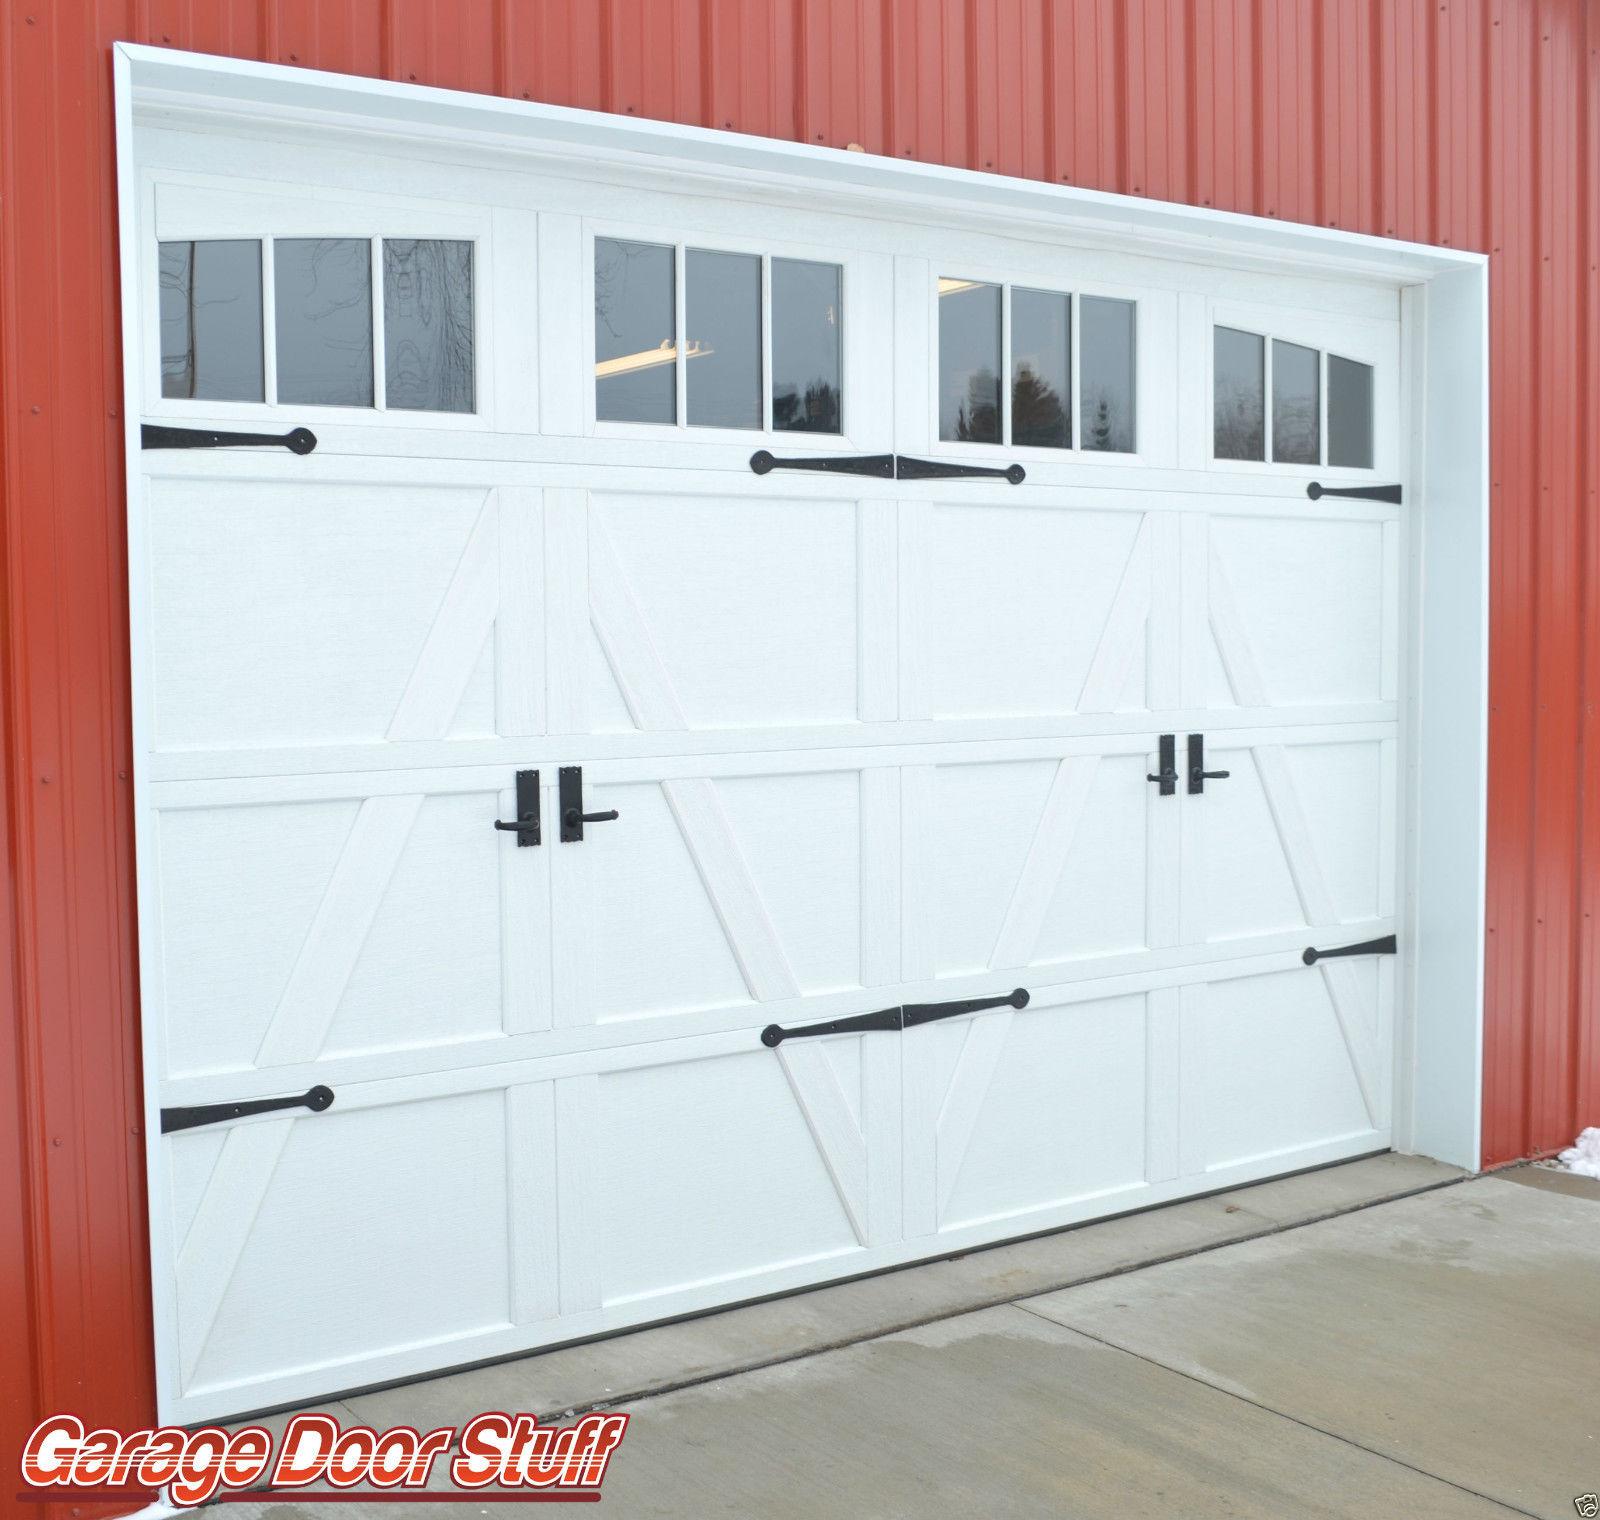 Garage Door Hardware Garage Door Stuff